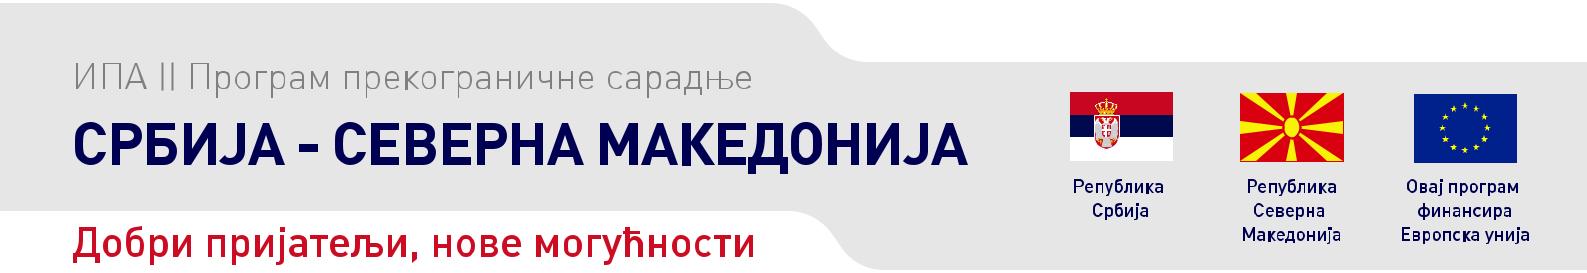 Srbija - Severna Makedonija: Prvi poziv za dostavljanje predloga projekata